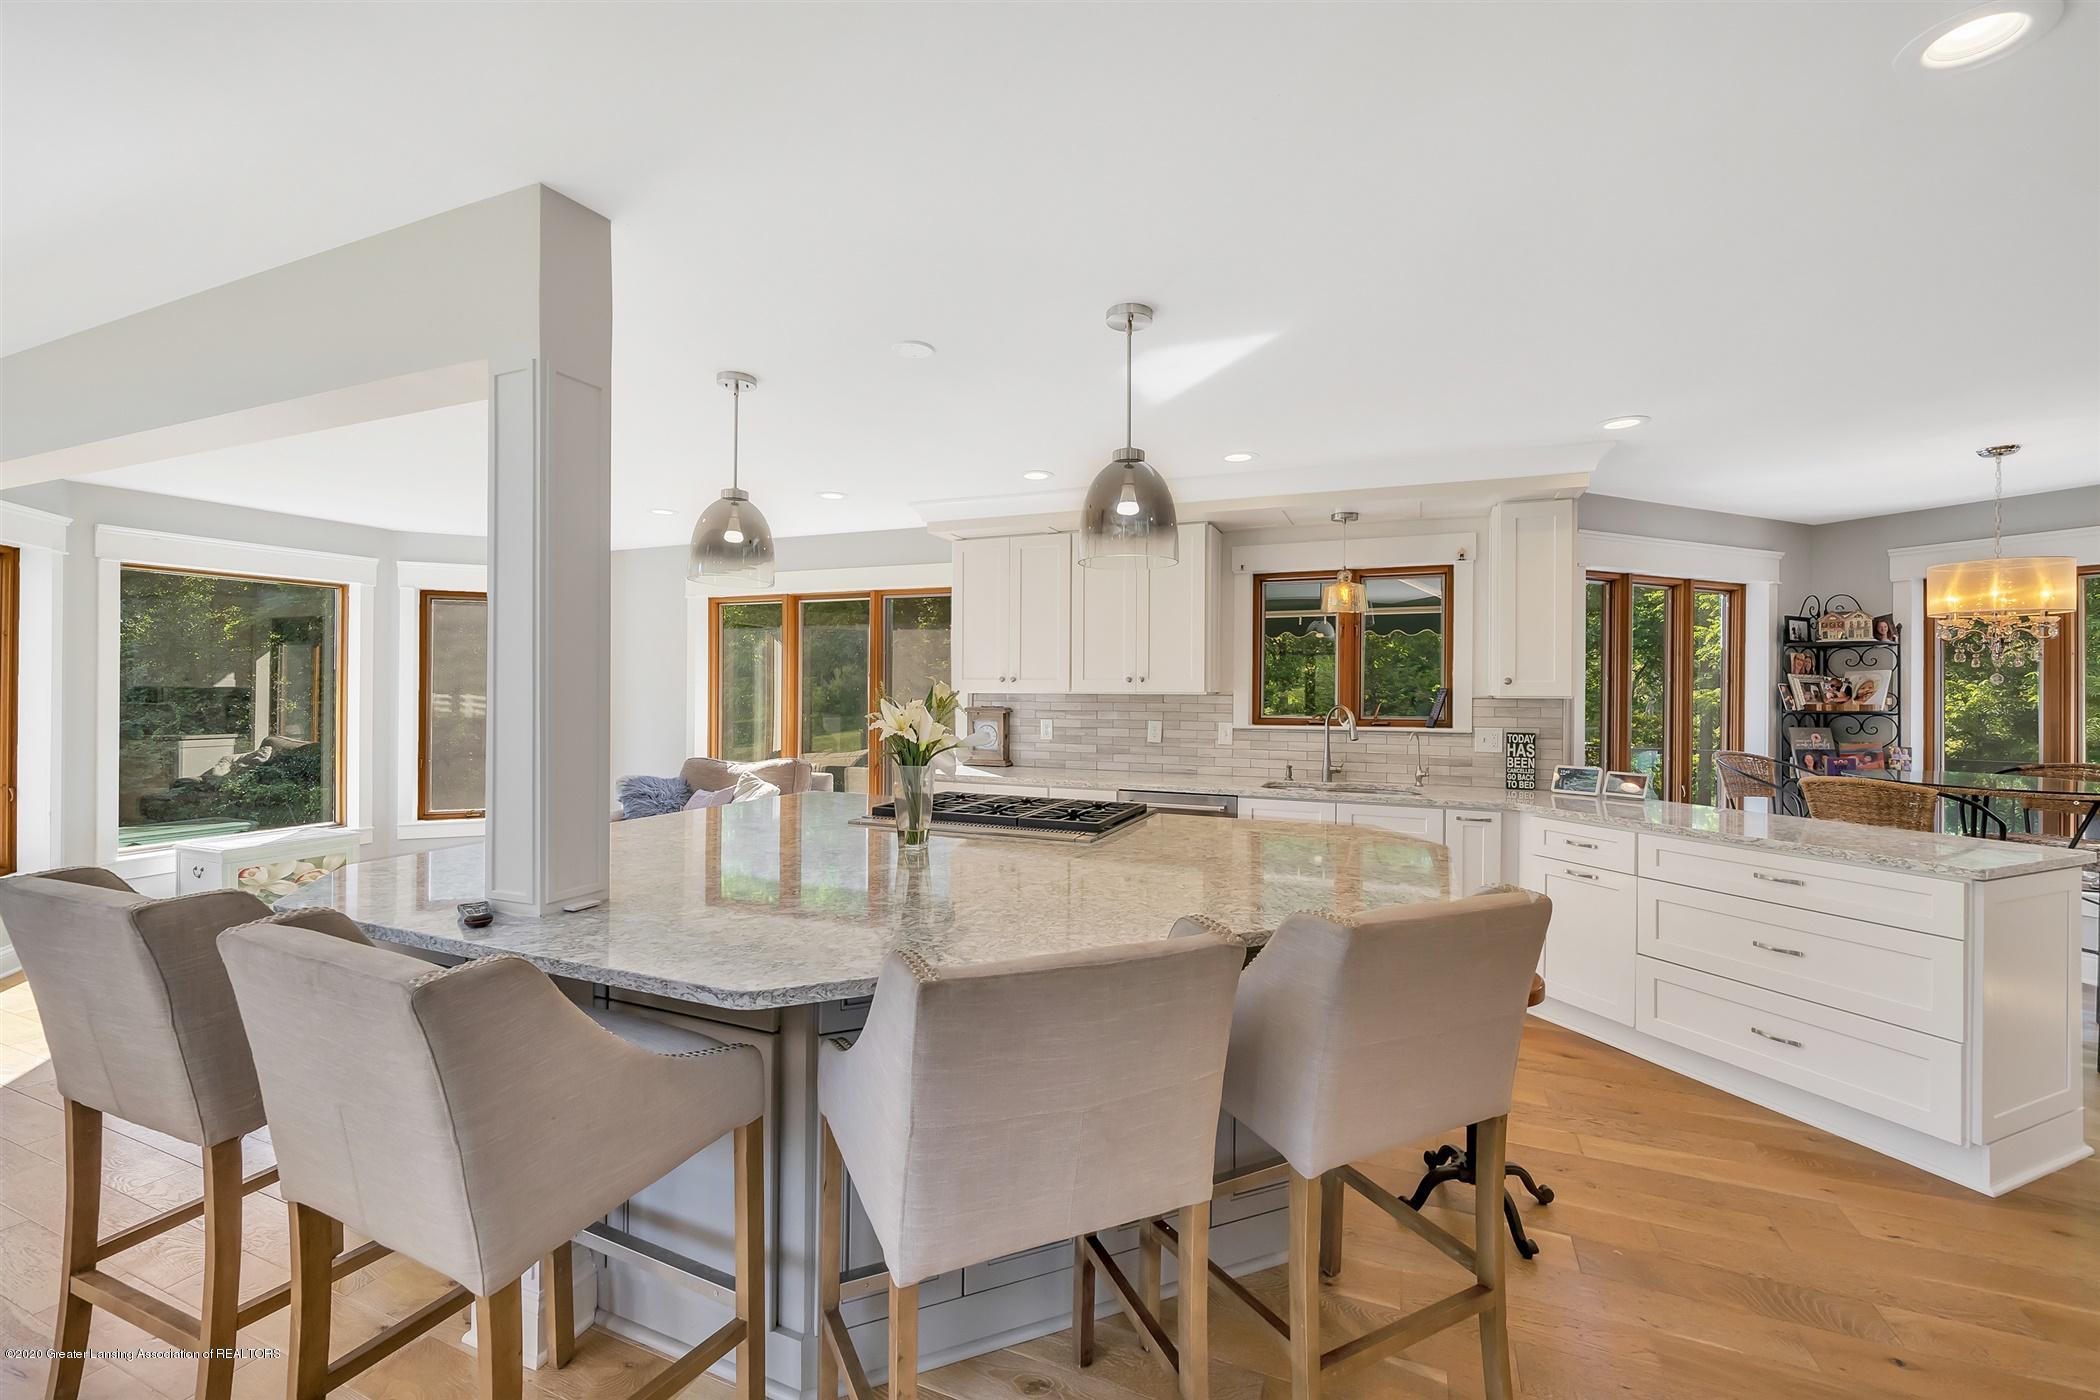 2275 Bravender Rd - MAIN FLOOR Kitchen - 17